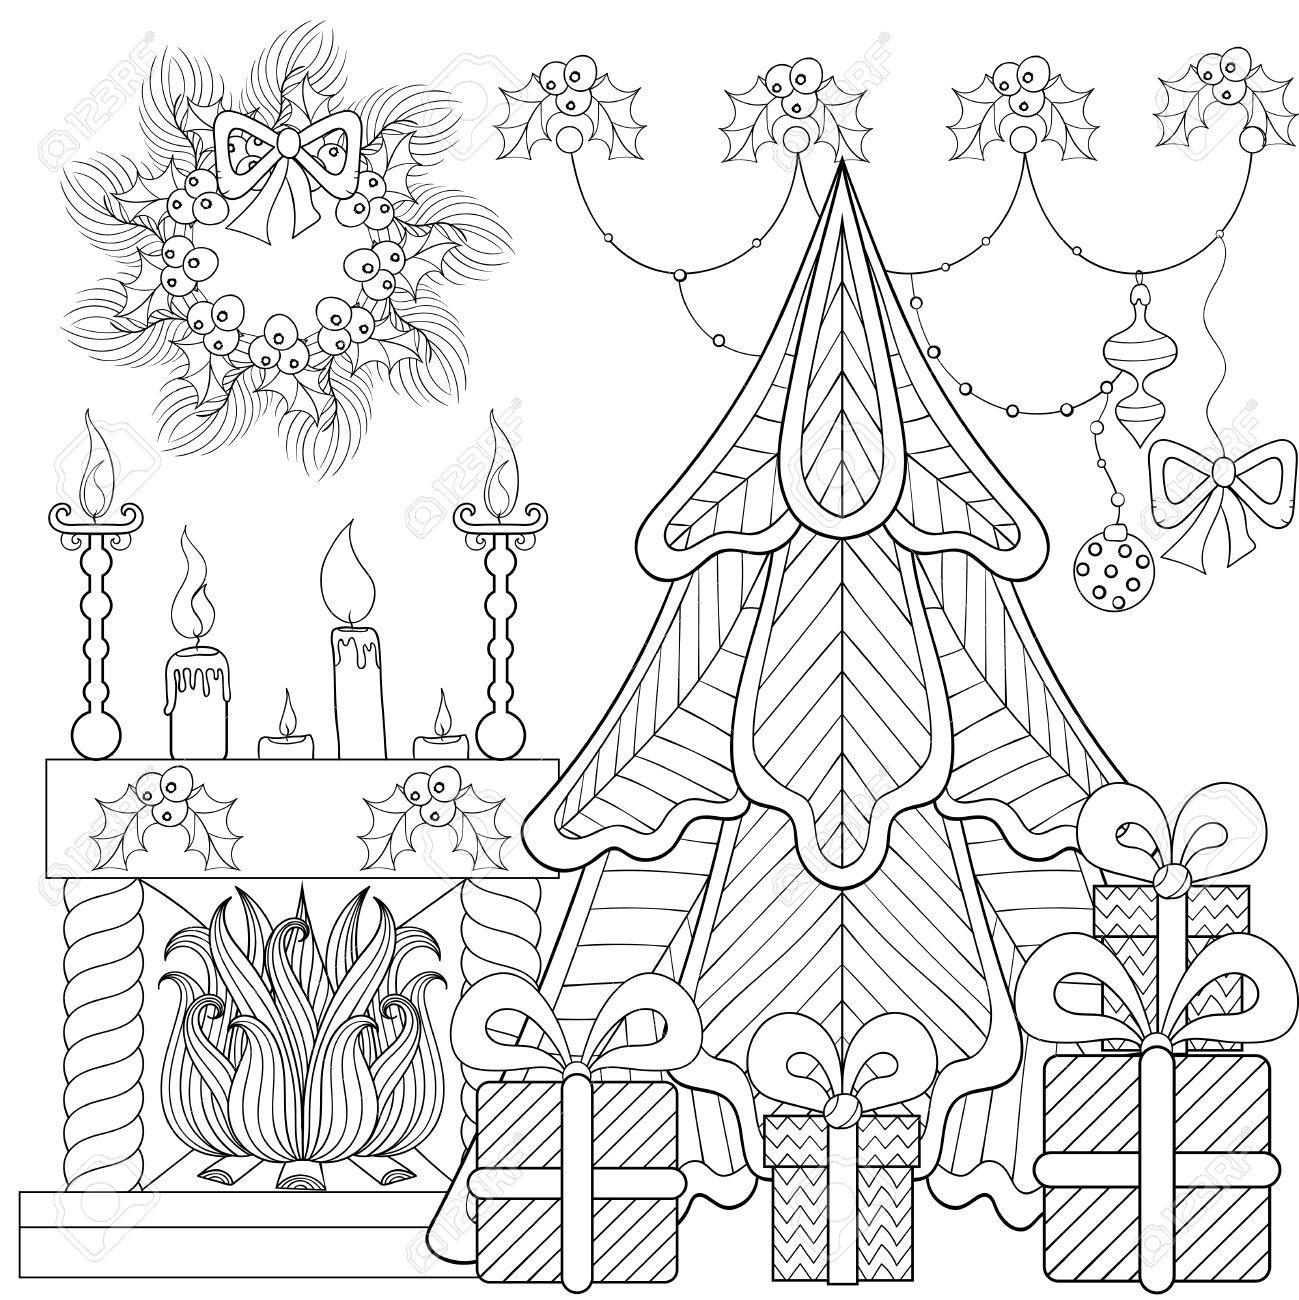 Gemusterte Weihnachten Zu Hause Interieur Mit Kamin, Weihnachtsbaum ...